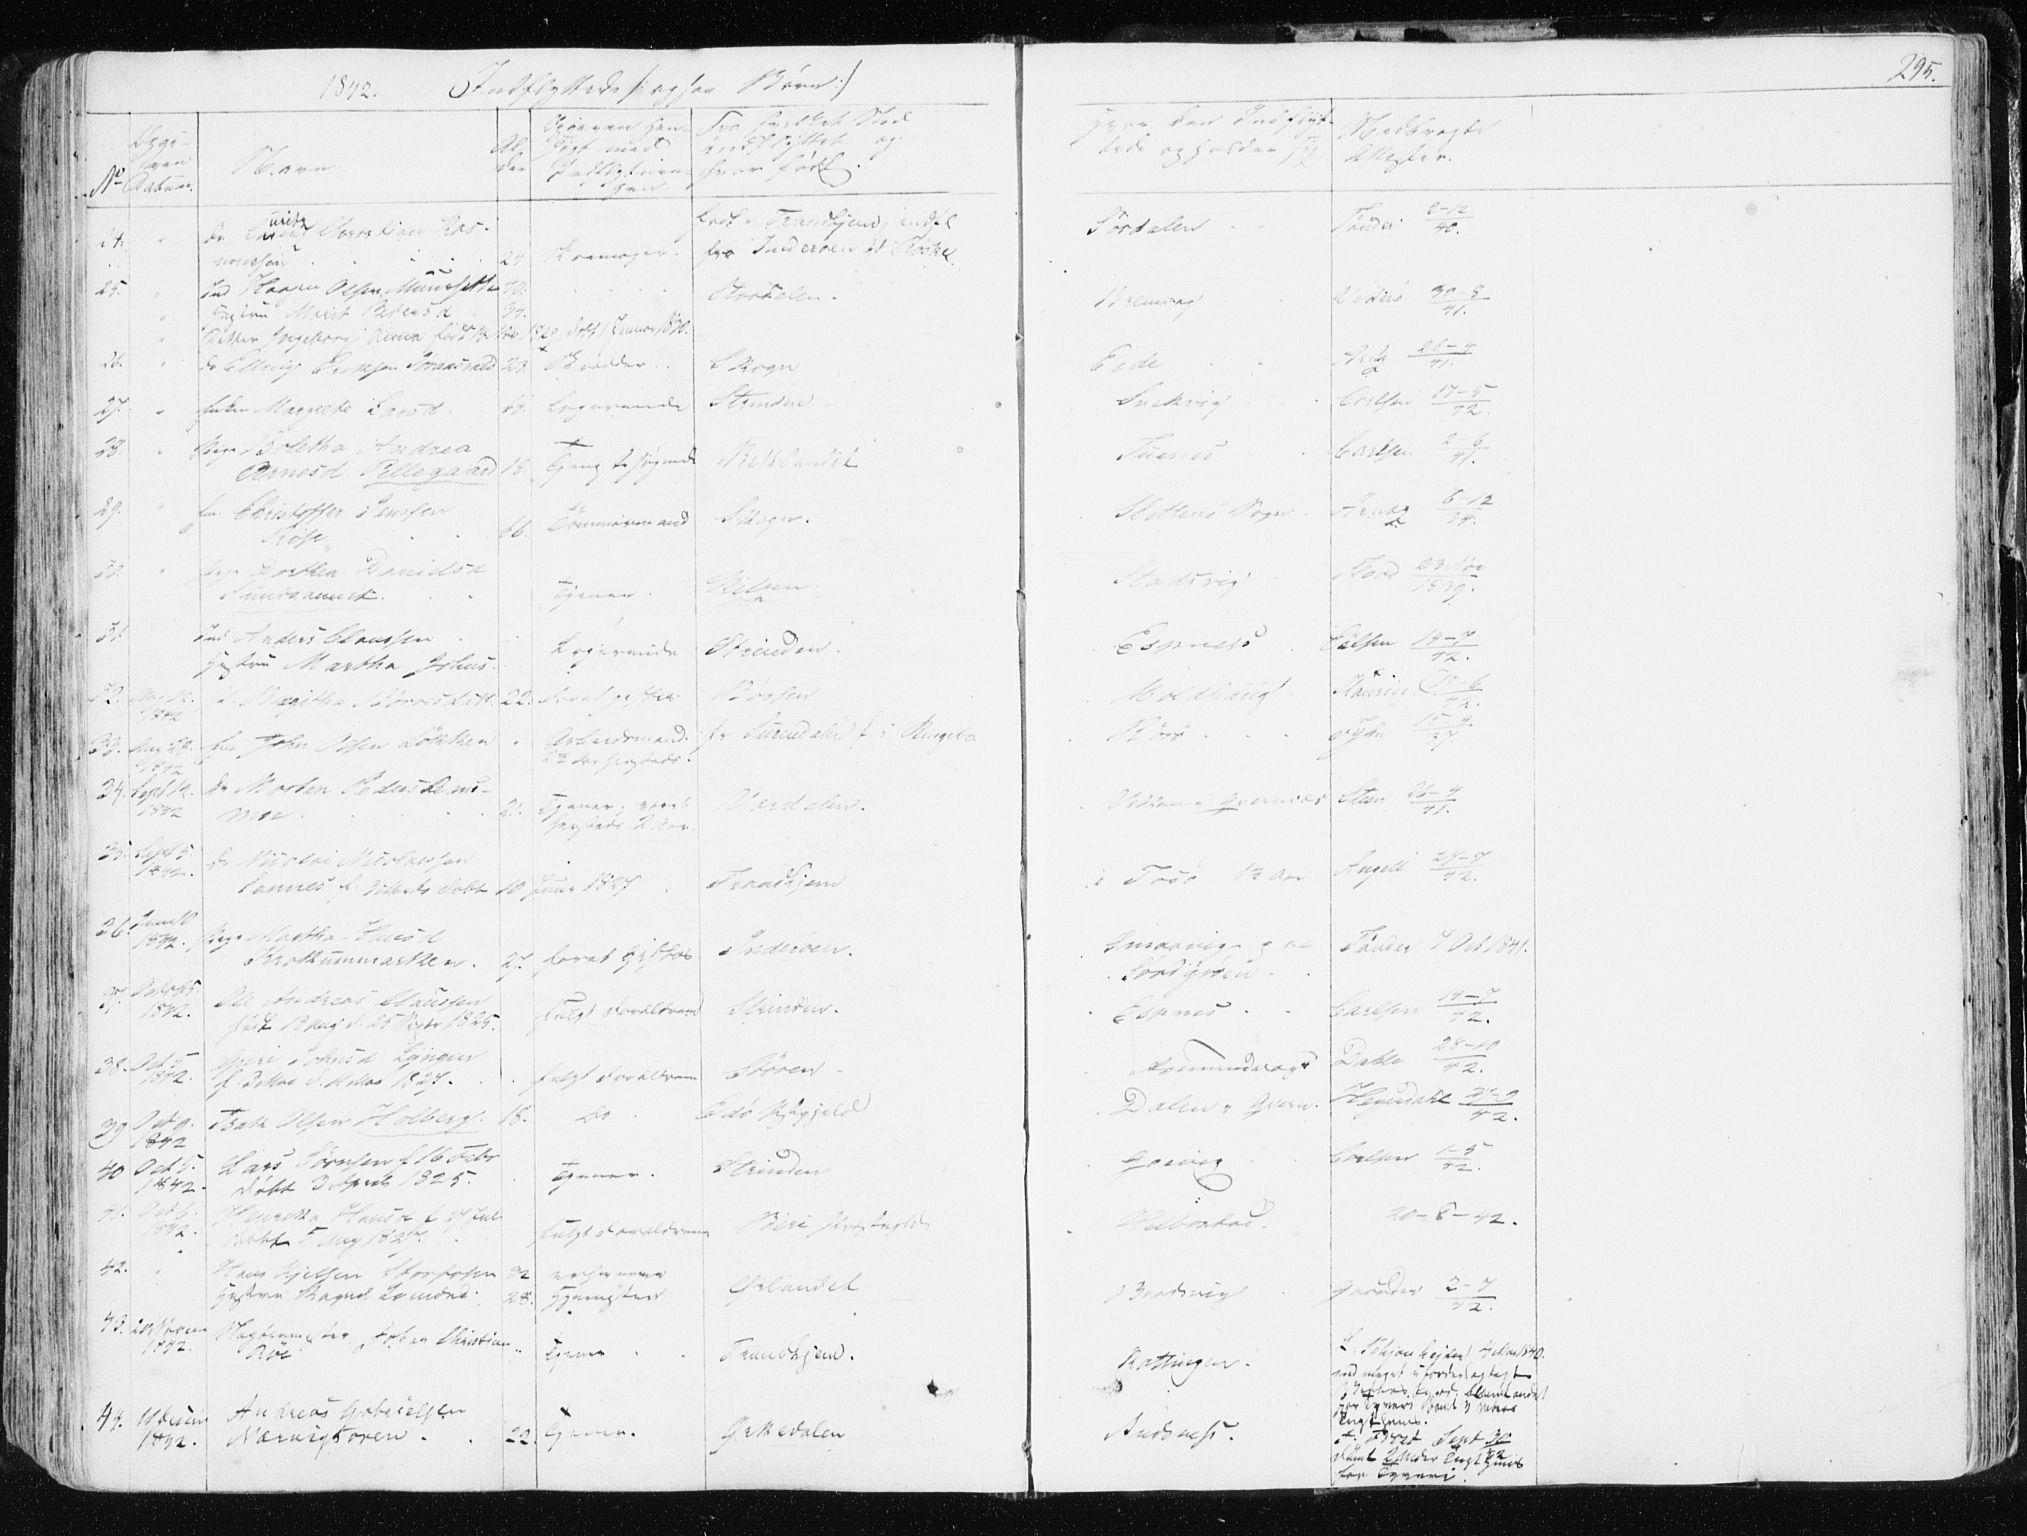 SAT, Ministerialprotokoller, klokkerbøker og fødselsregistre - Sør-Trøndelag, 634/L0528: Ministerialbok nr. 634A04, 1827-1842, s. 295